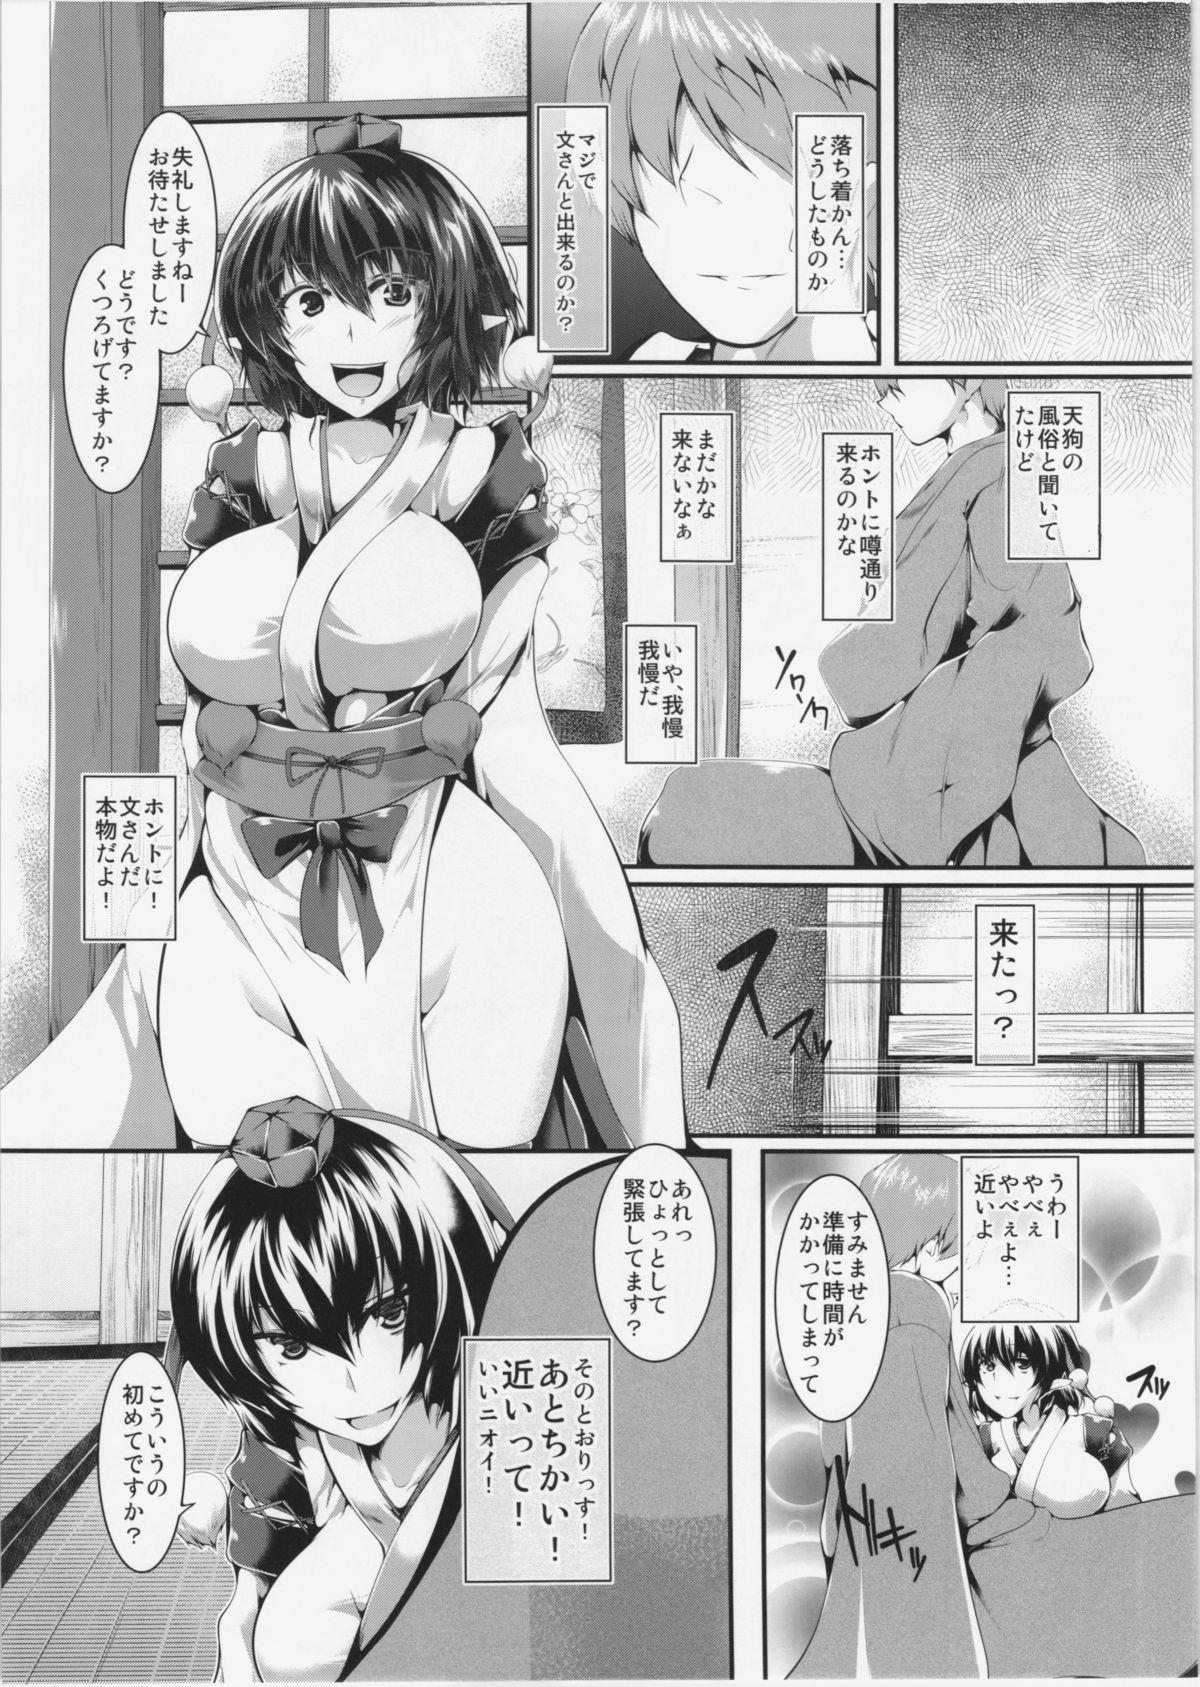 Aya-chan Fuuzoku 4